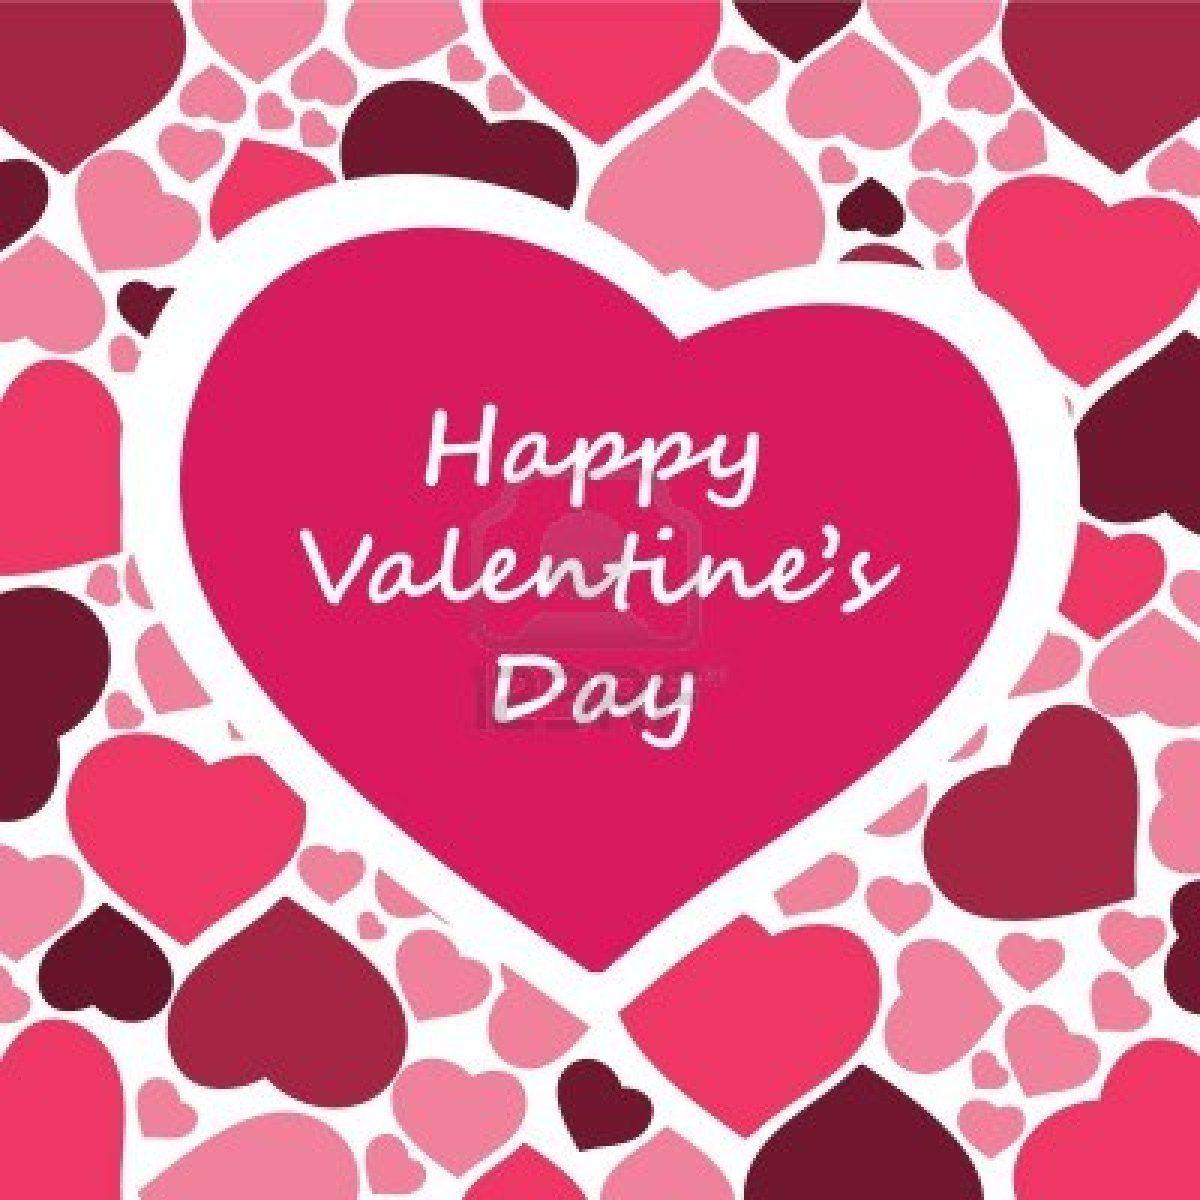 Imágenes De Corazones Para San Valentín. Happy Valentine´s Day.